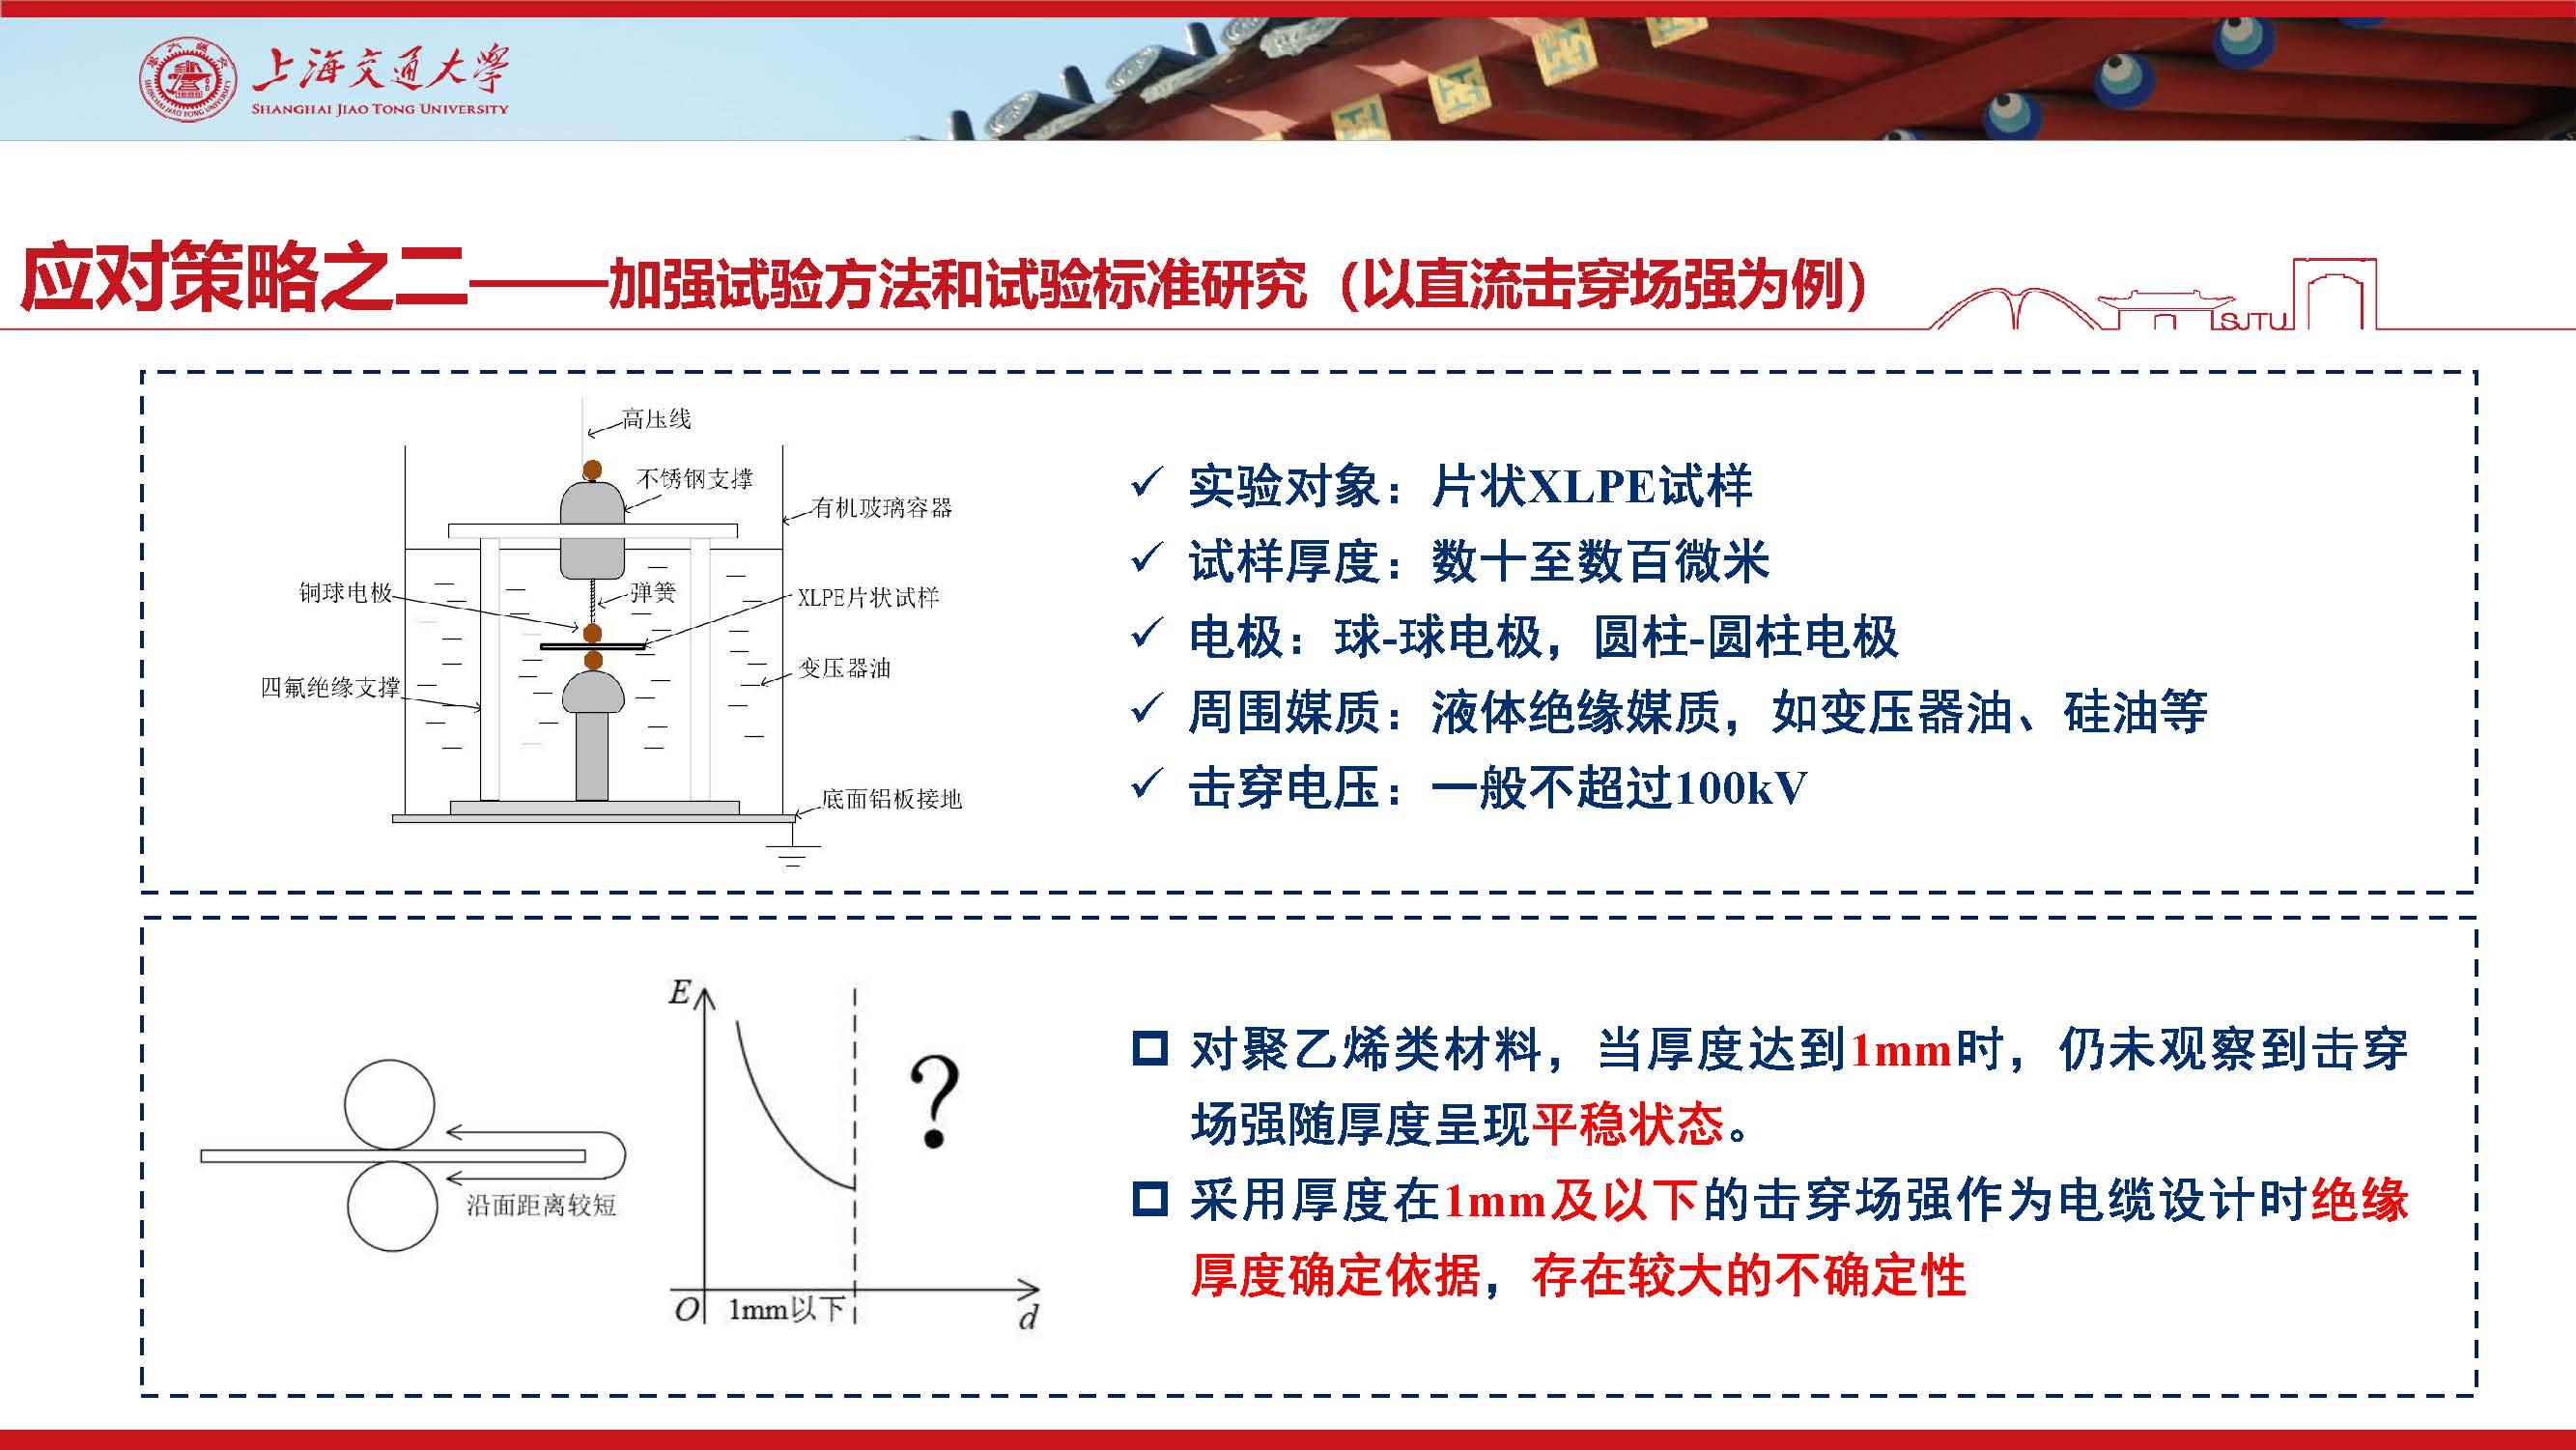 上海交大尹毅教授:挤包绝缘超高压直流电缆关键技术及应对策略